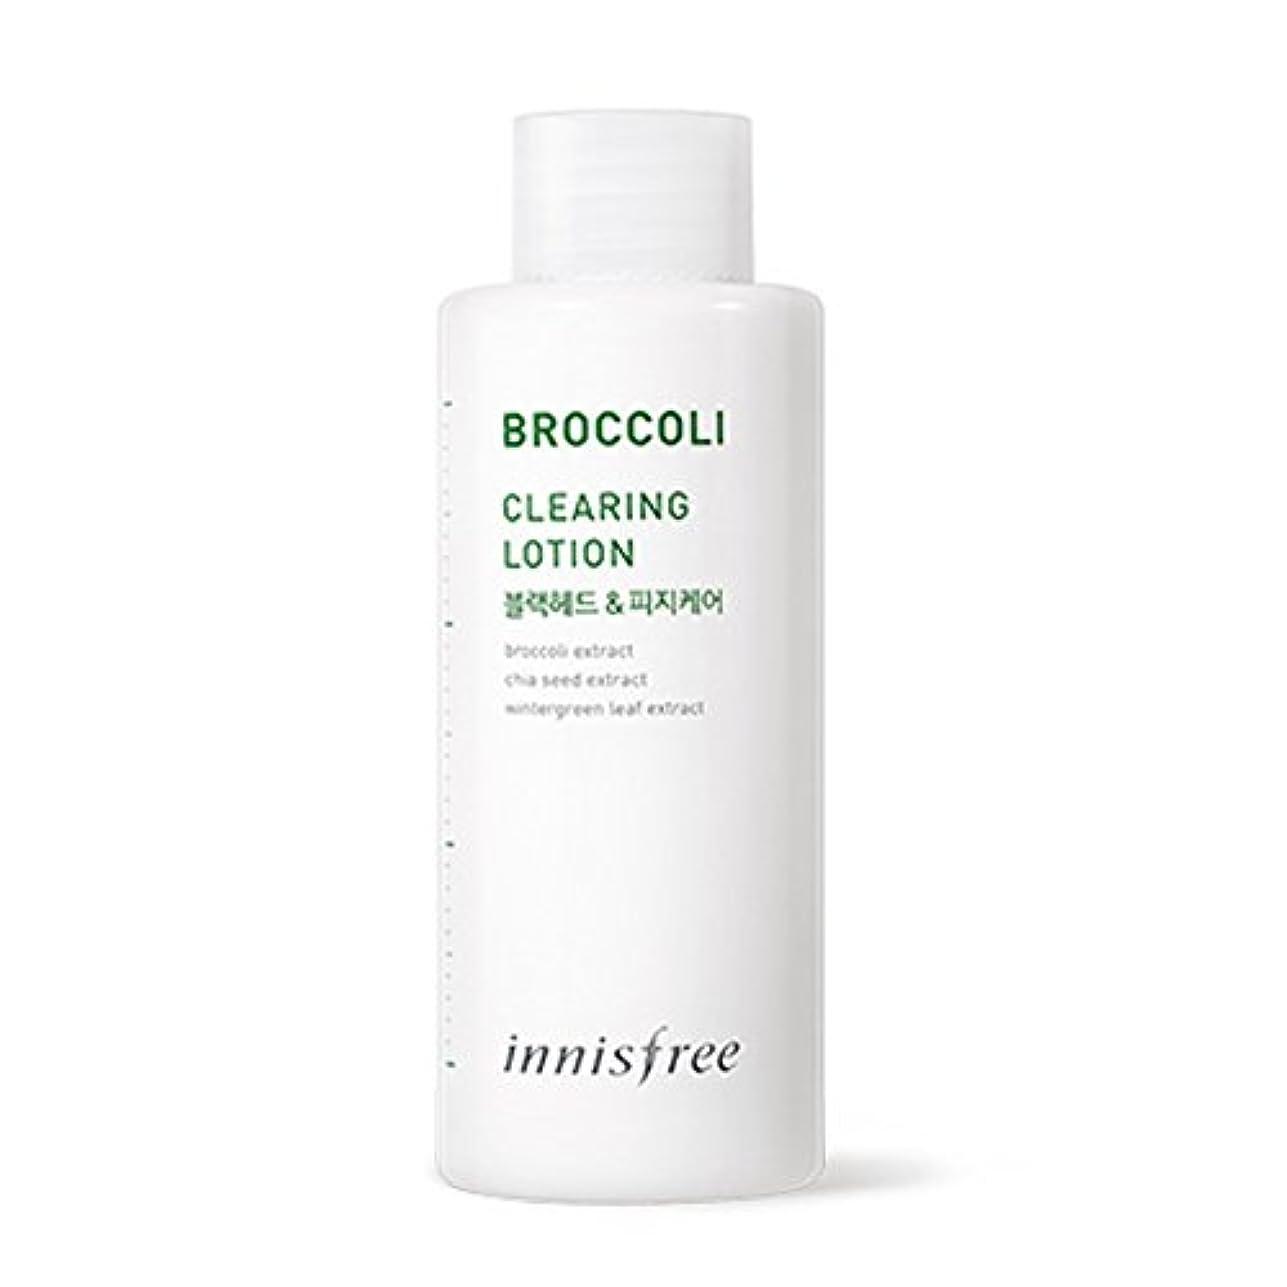 現代の意気込み一イニスフリーブロッコリークリアリングローション(エマルジョン)130ml Innisfree Broccoli Clearing Lotion(Emulsion) 130ml [海外直送品][並行輸入品]